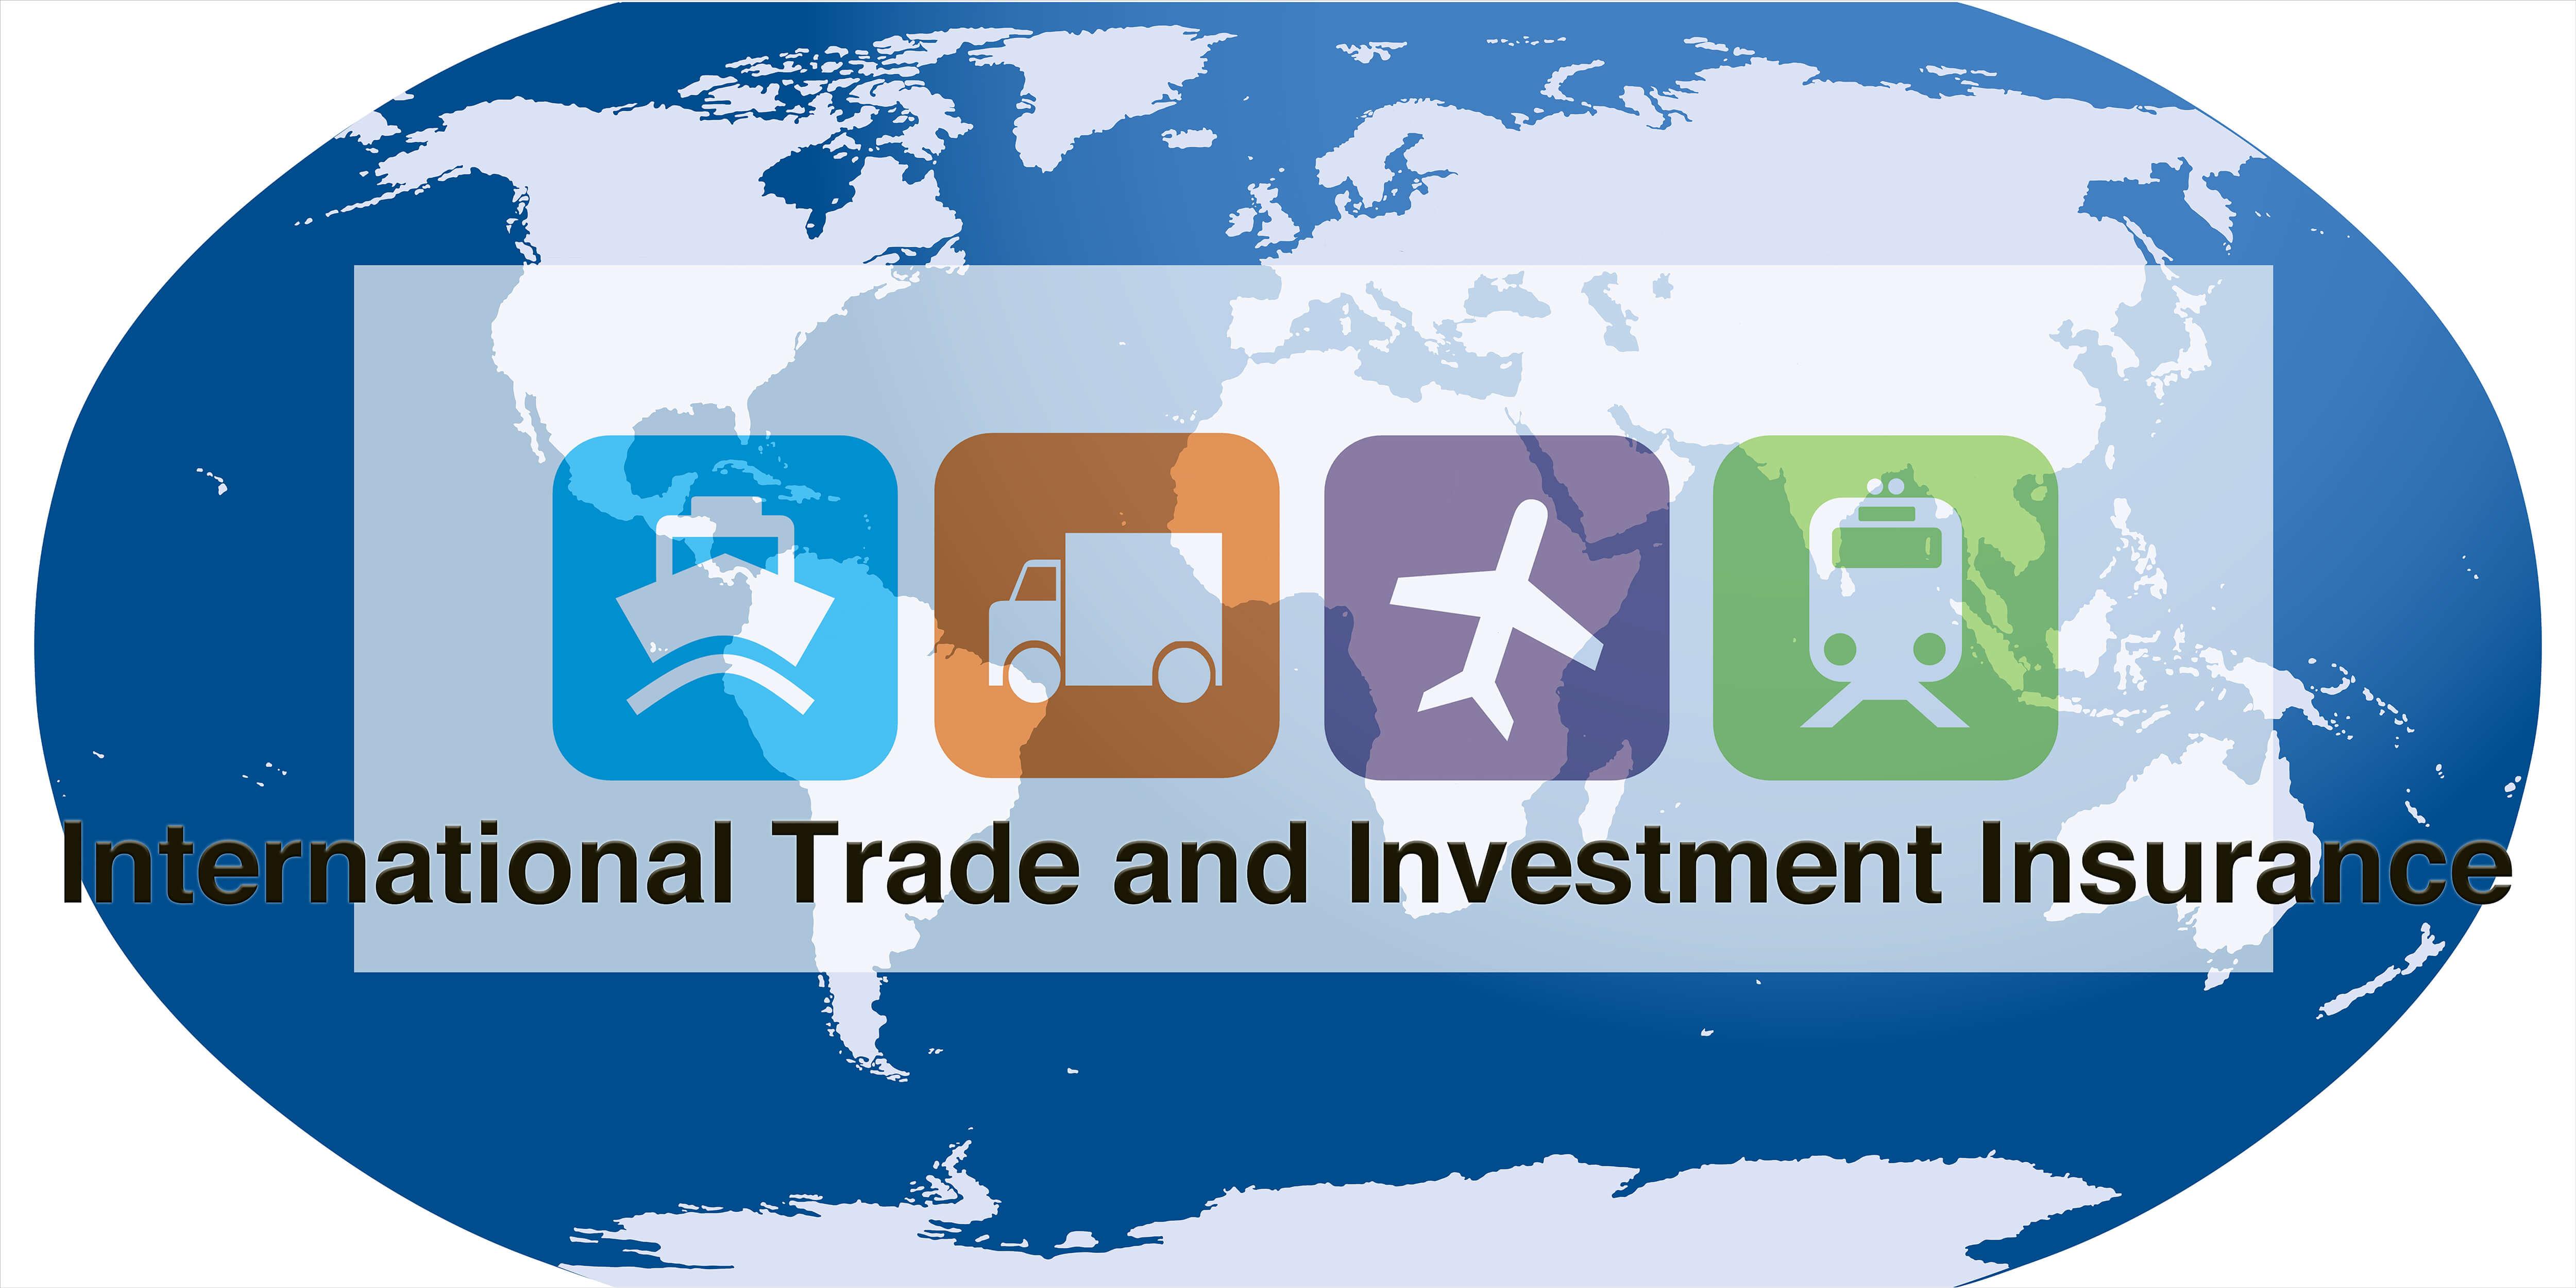 貿易保険の基礎知識 | 海上保険との違い / 貿易保険の種類と対象 / 貿易保険法改正案の提出見送りについて…ほか